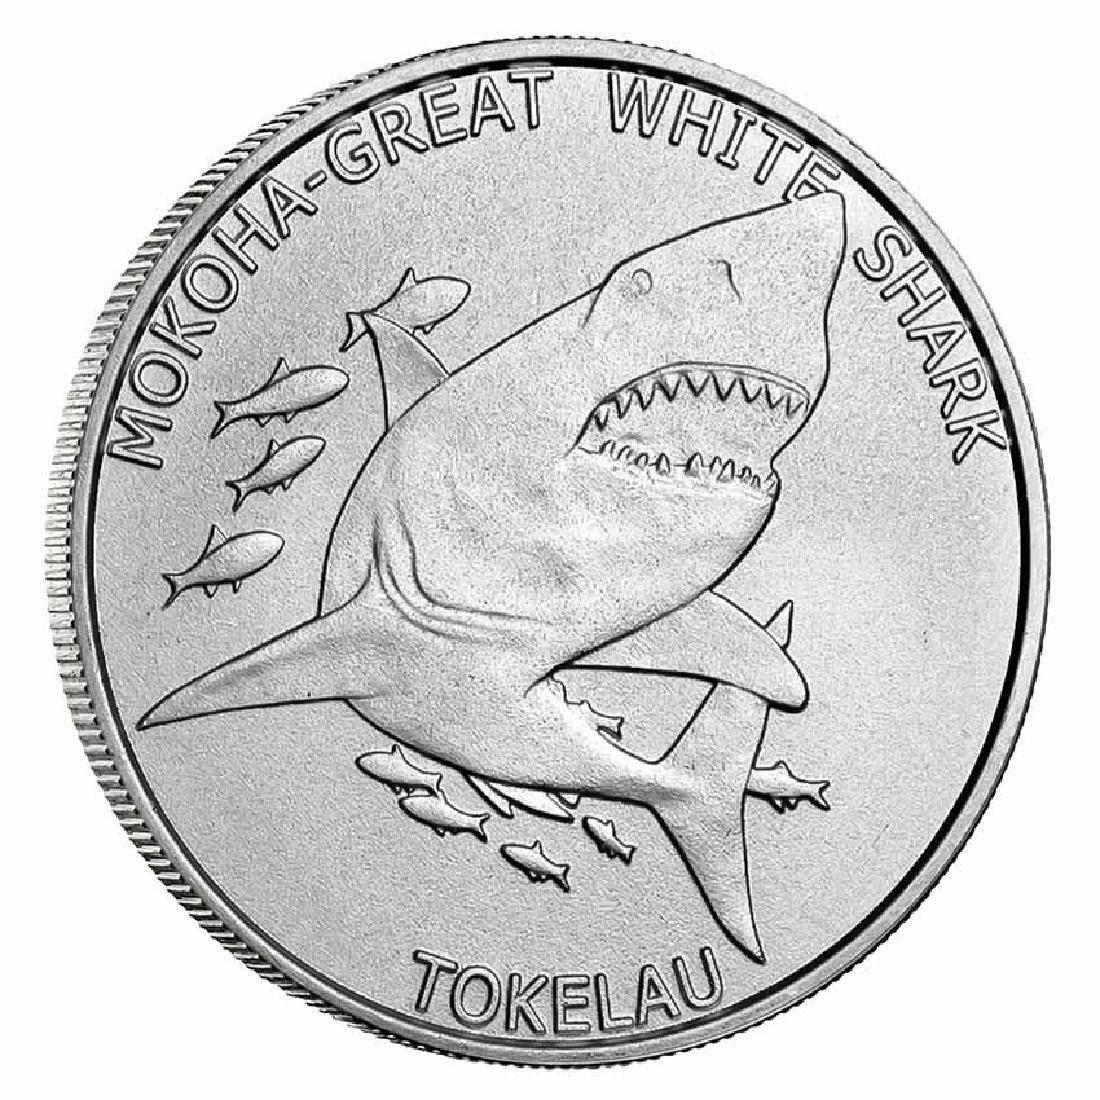 Tokelau Mokoha Great White Shark 2015 1 oz Silver $5